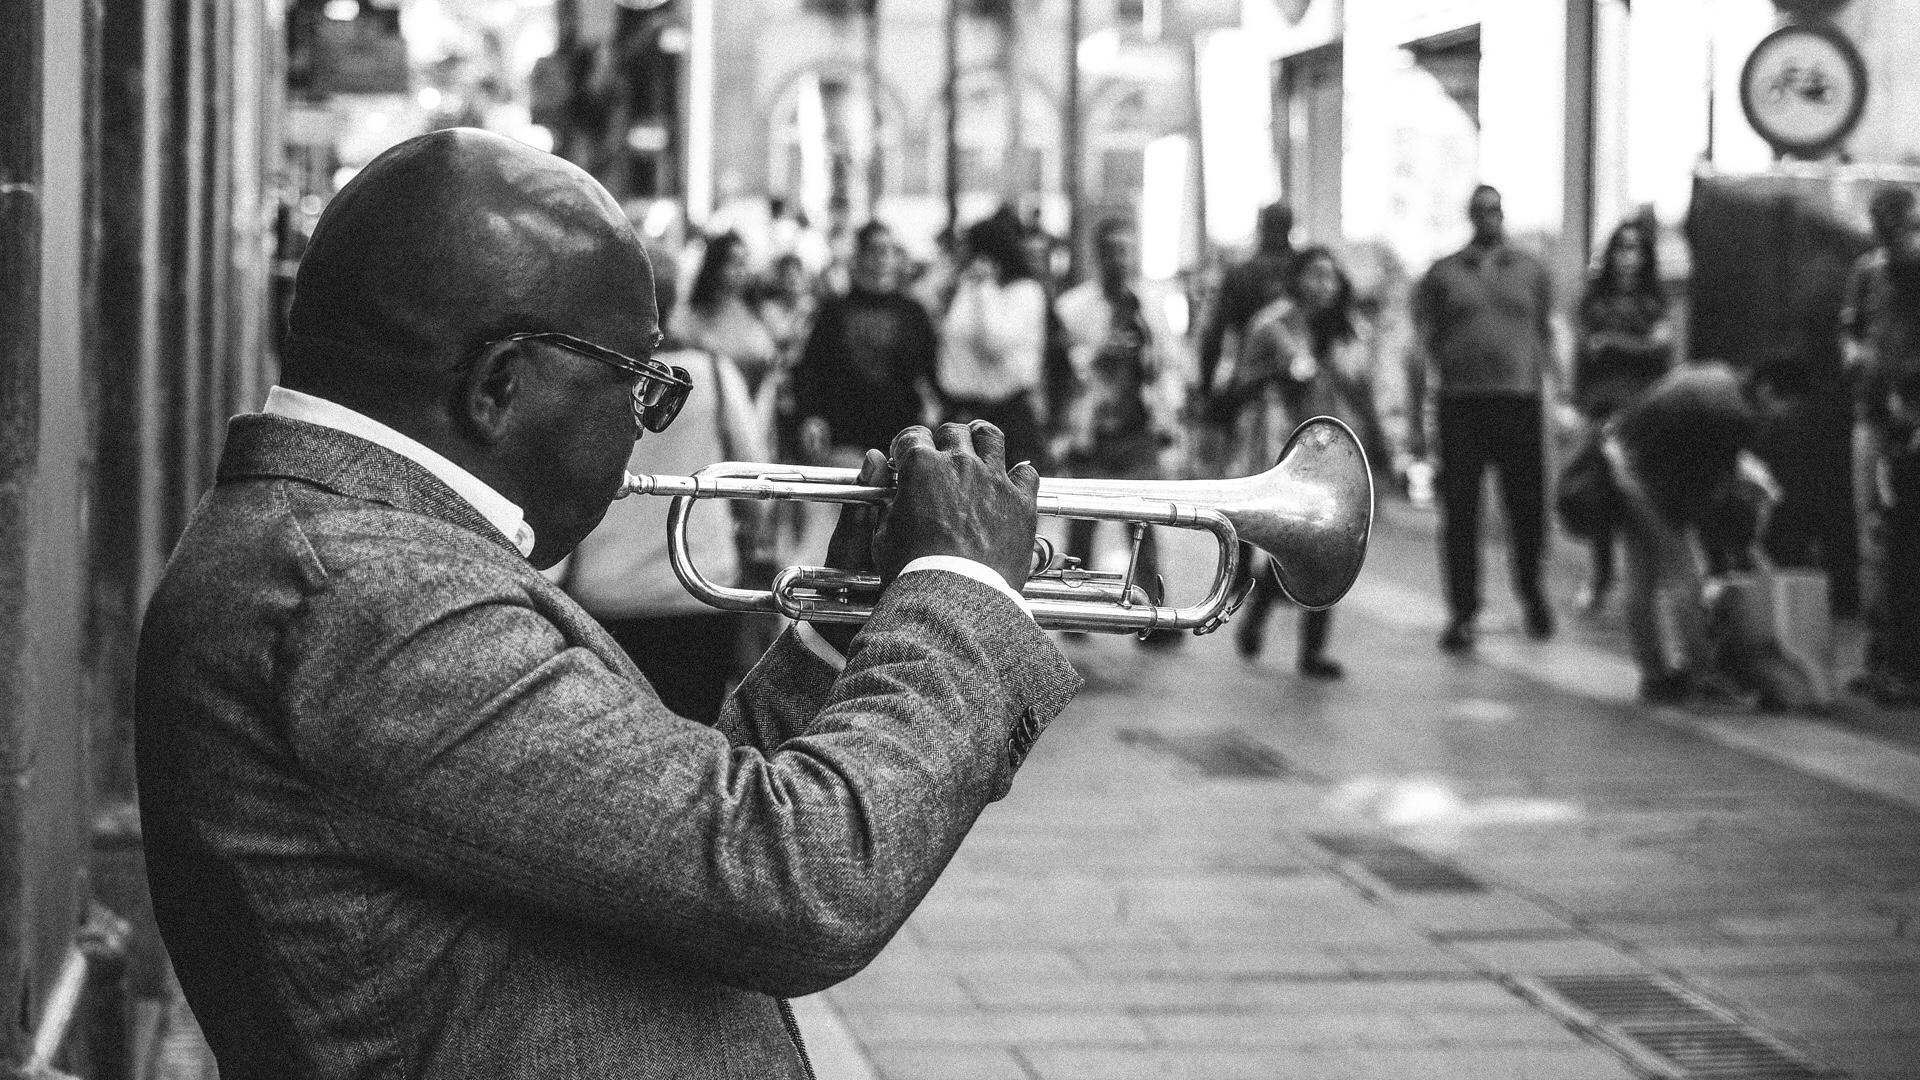 Trompeter in Fußgängerzone in schwarzweiss